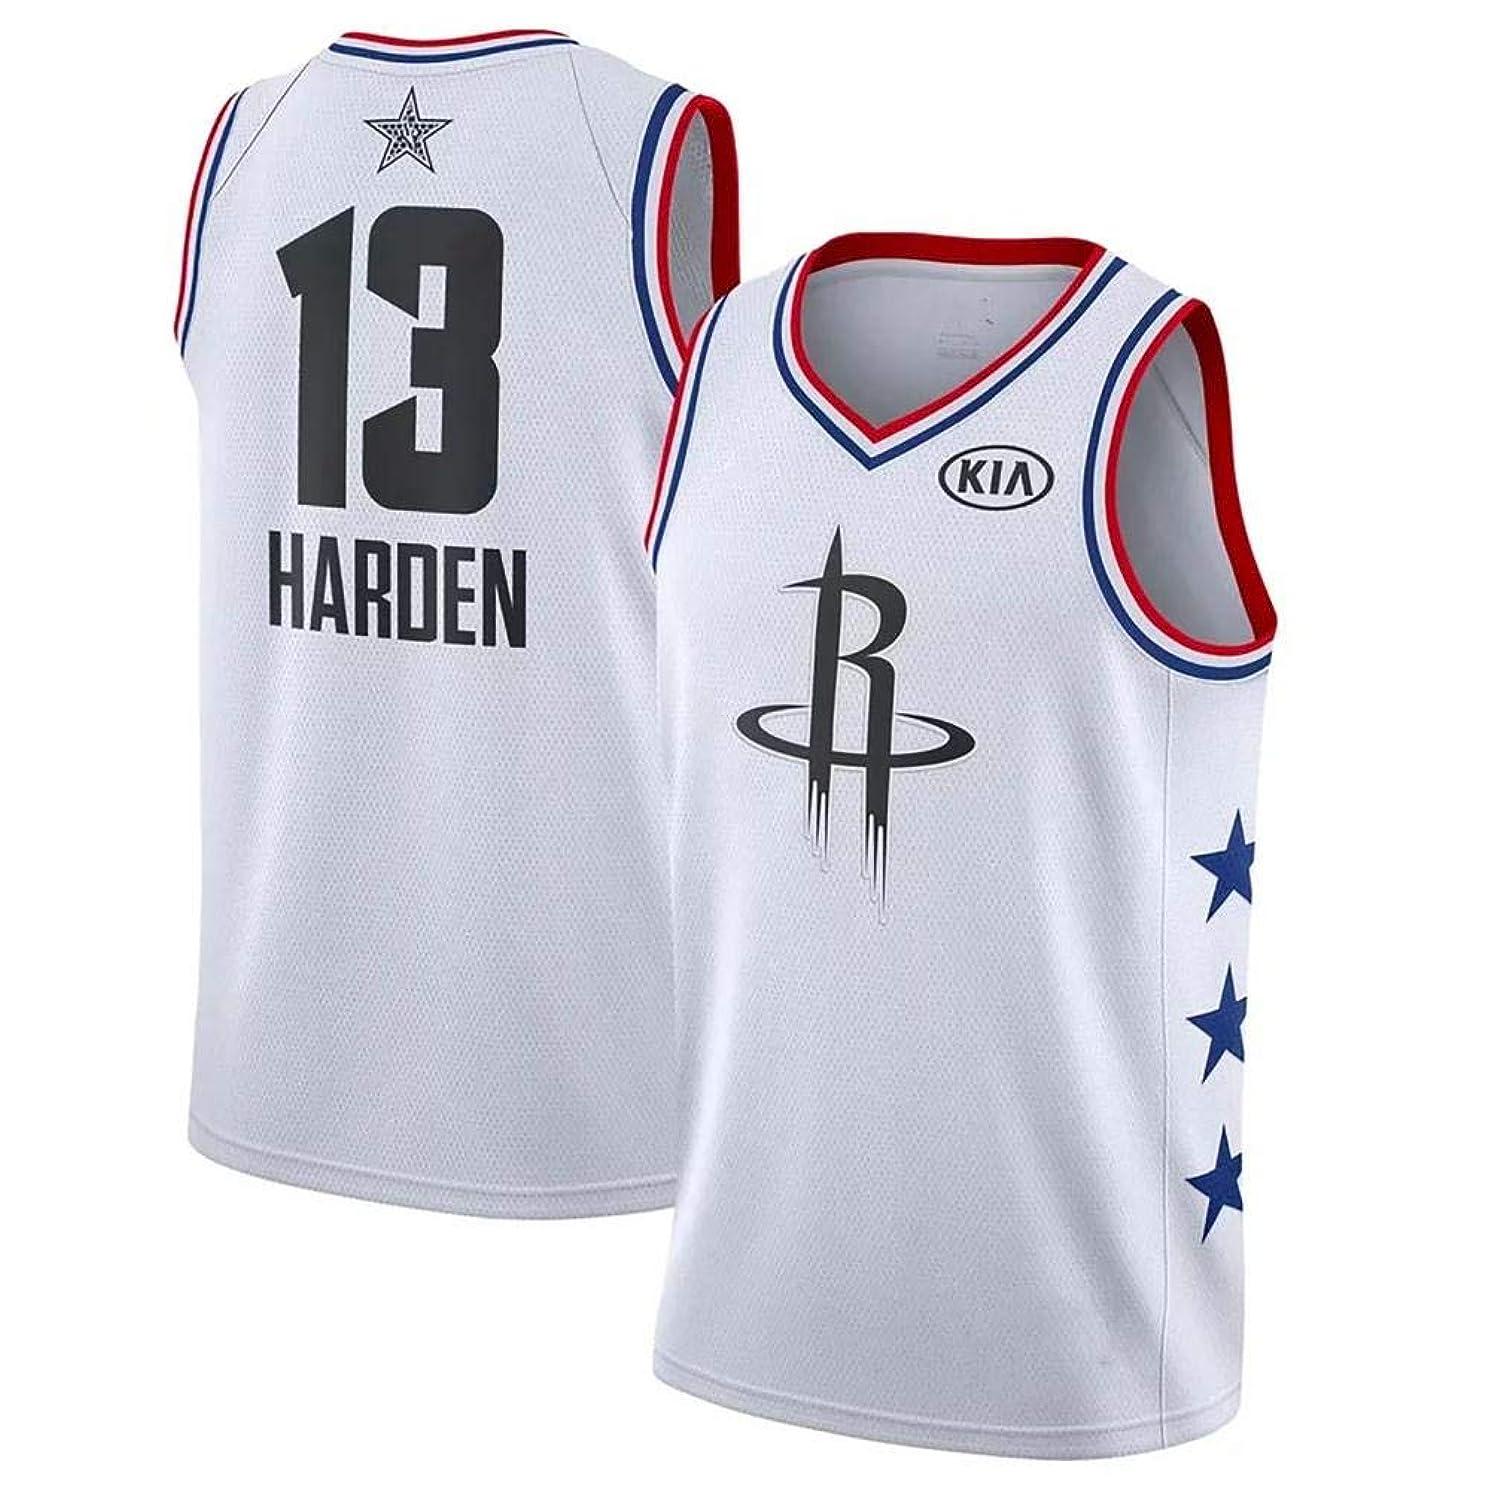 半導体ライオンパンフレットNB-Asia オールスター 飛人 巨人 13番 ホワイト メンズ ユニフォーム バスケットボール 刺繍 アメリカ レプリカ ベスト トップス